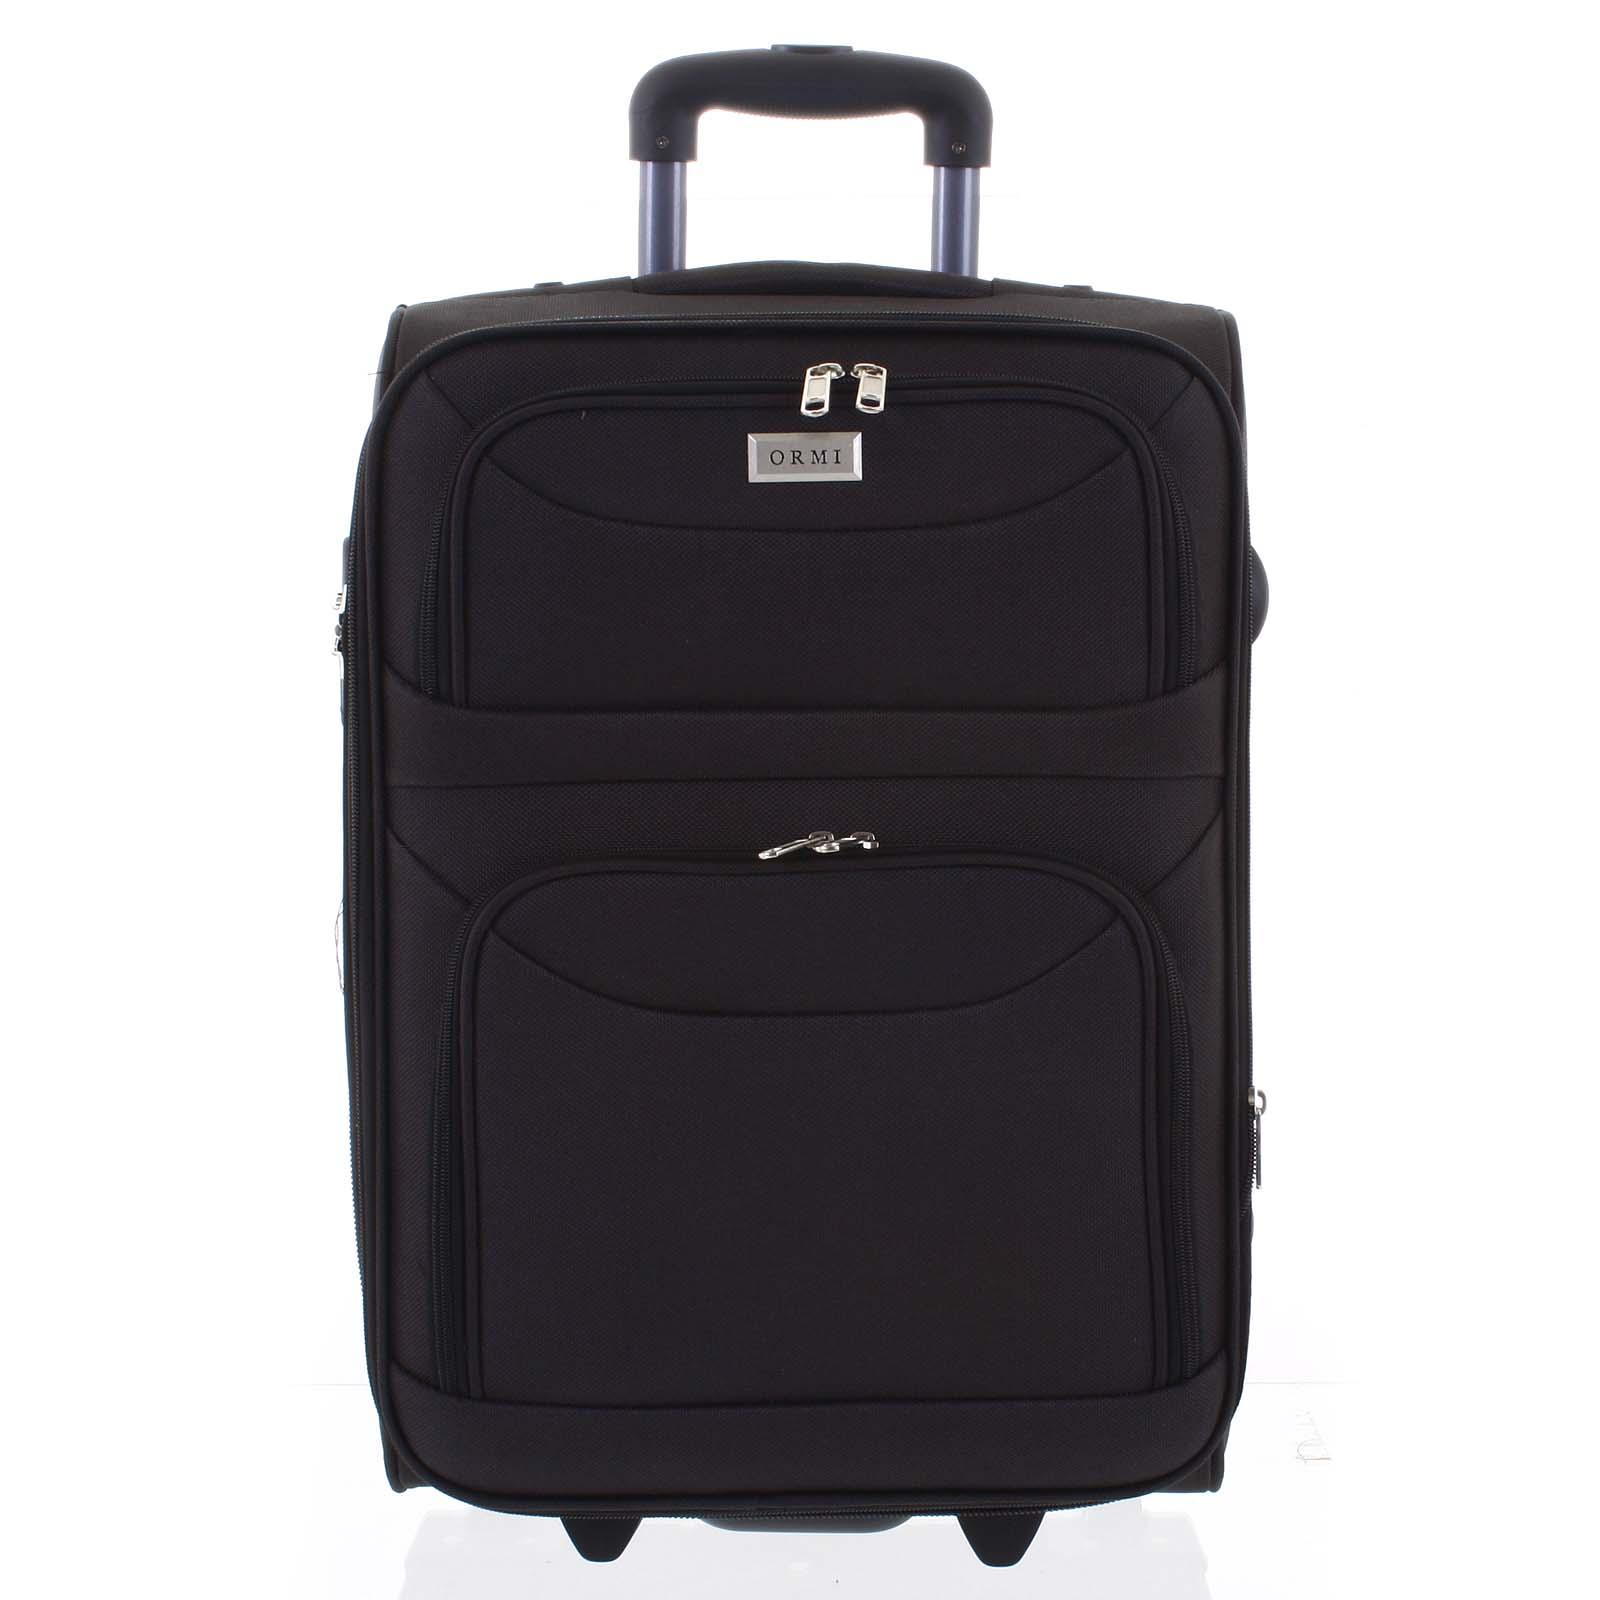 Klasický látkový čierny cestovný kufor - Ormi Stof L čierna